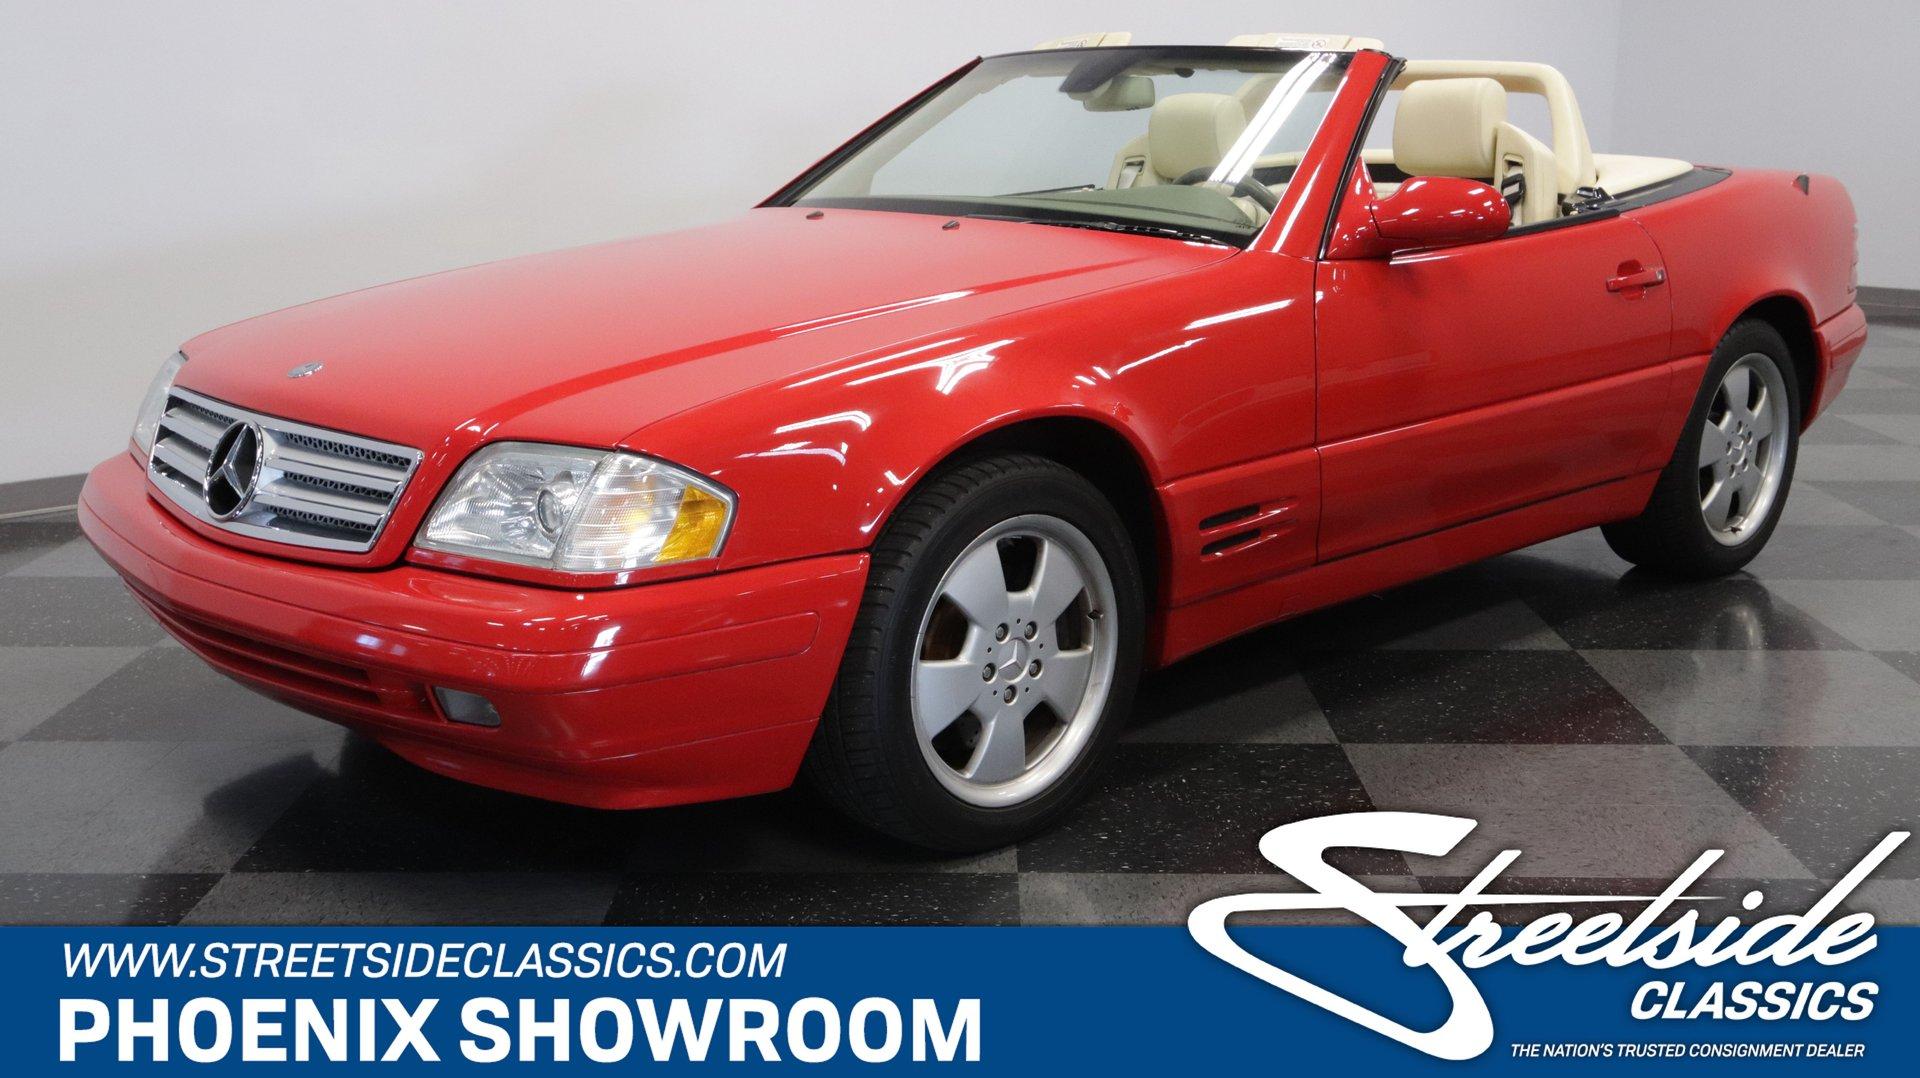 2000 mercedes benz sl500 streetside classics the nation s trusted classic car consignment dealer streetside classics